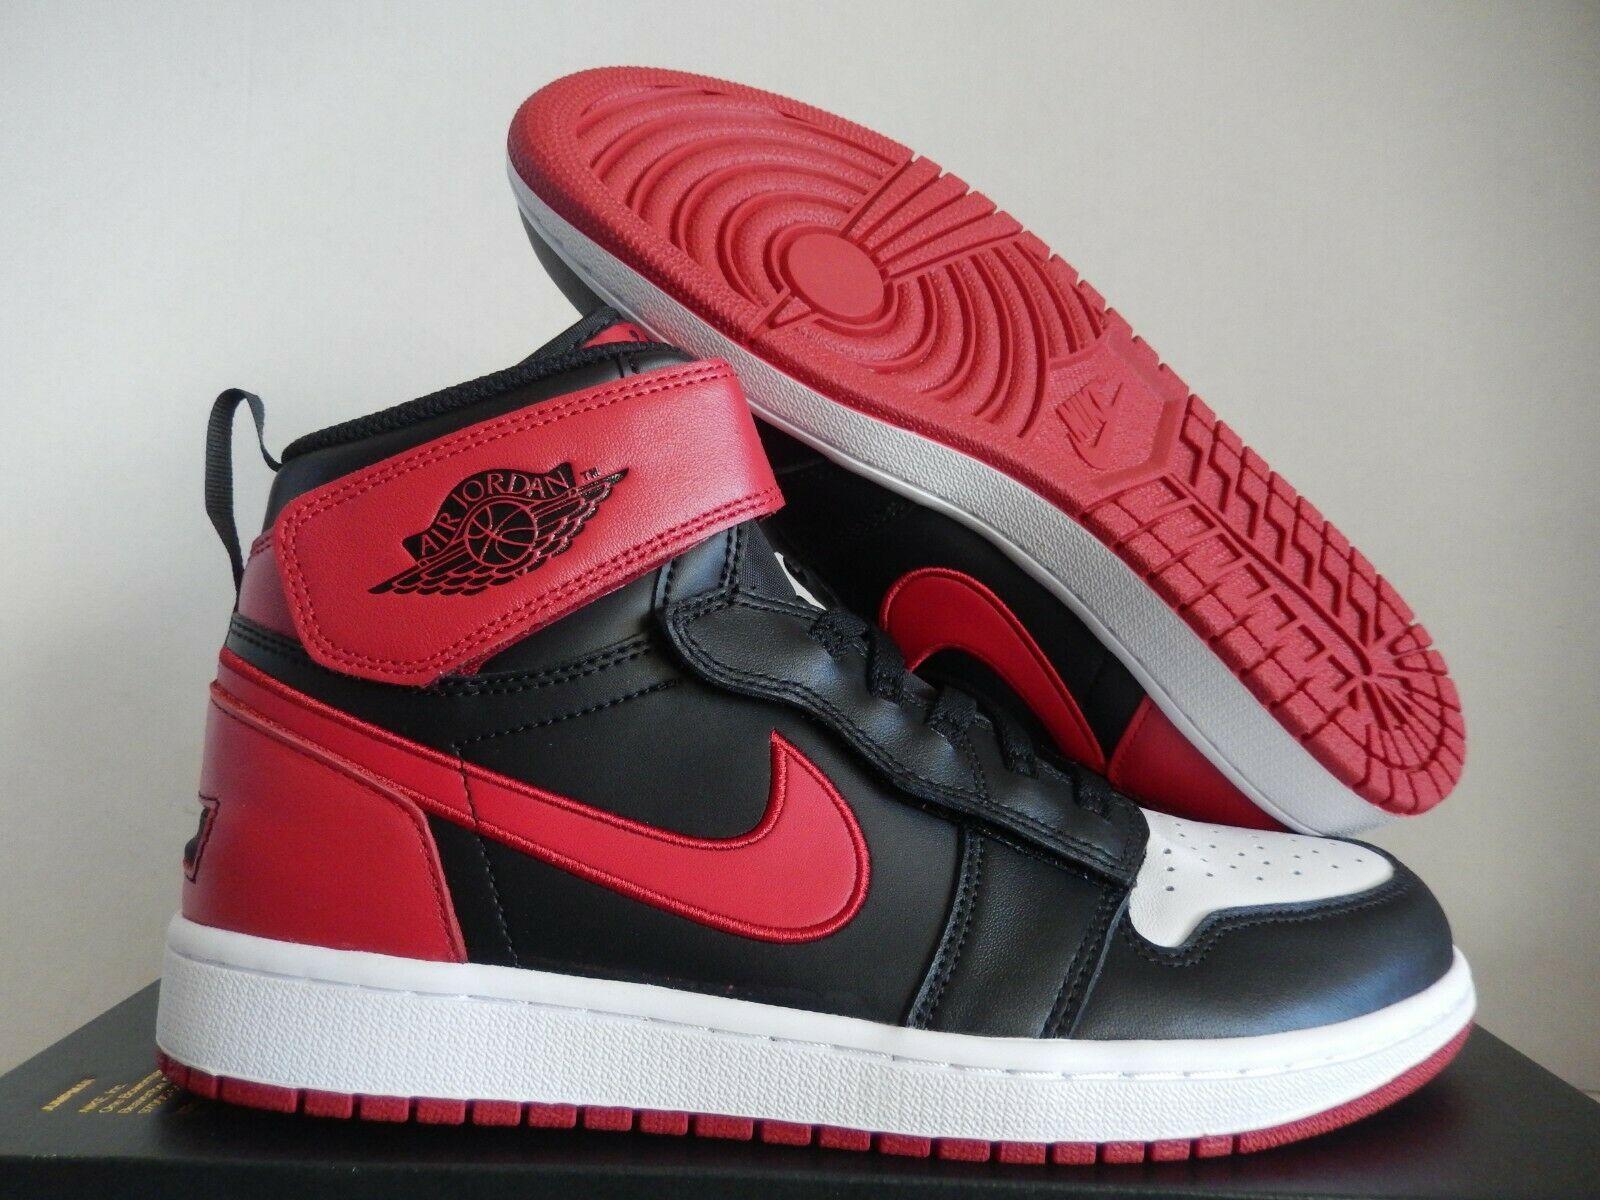 Jordan 1 Flyease Bred White Toe